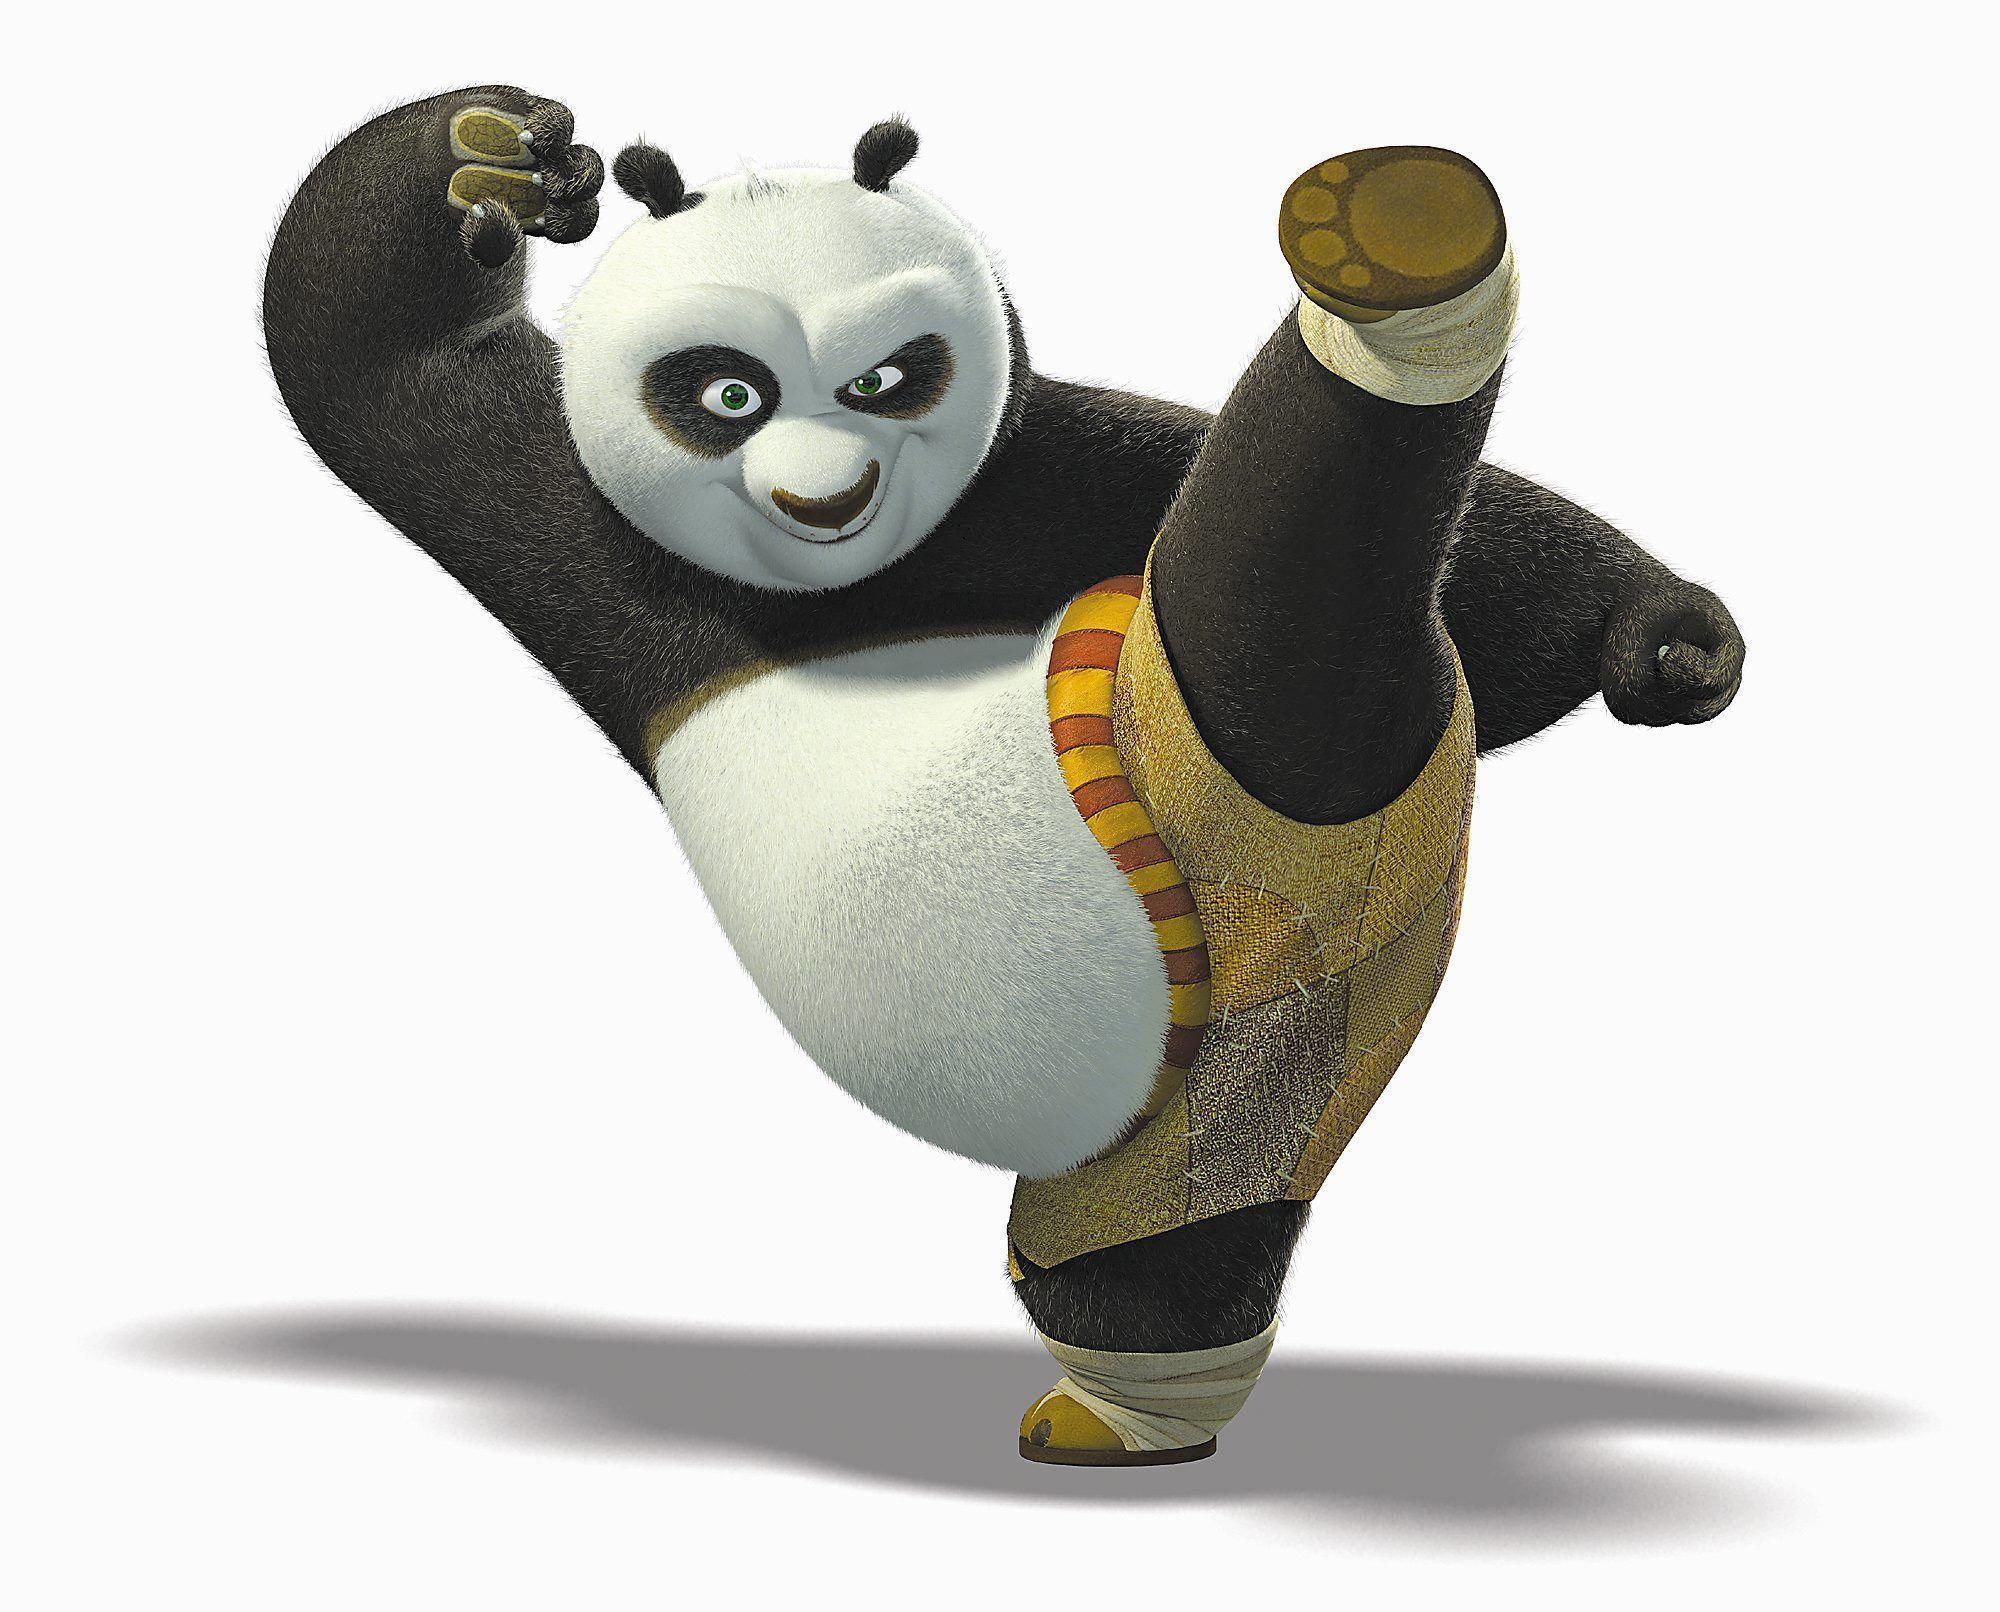 Kung Fu Panda Wallpapers Wallpaper Cave